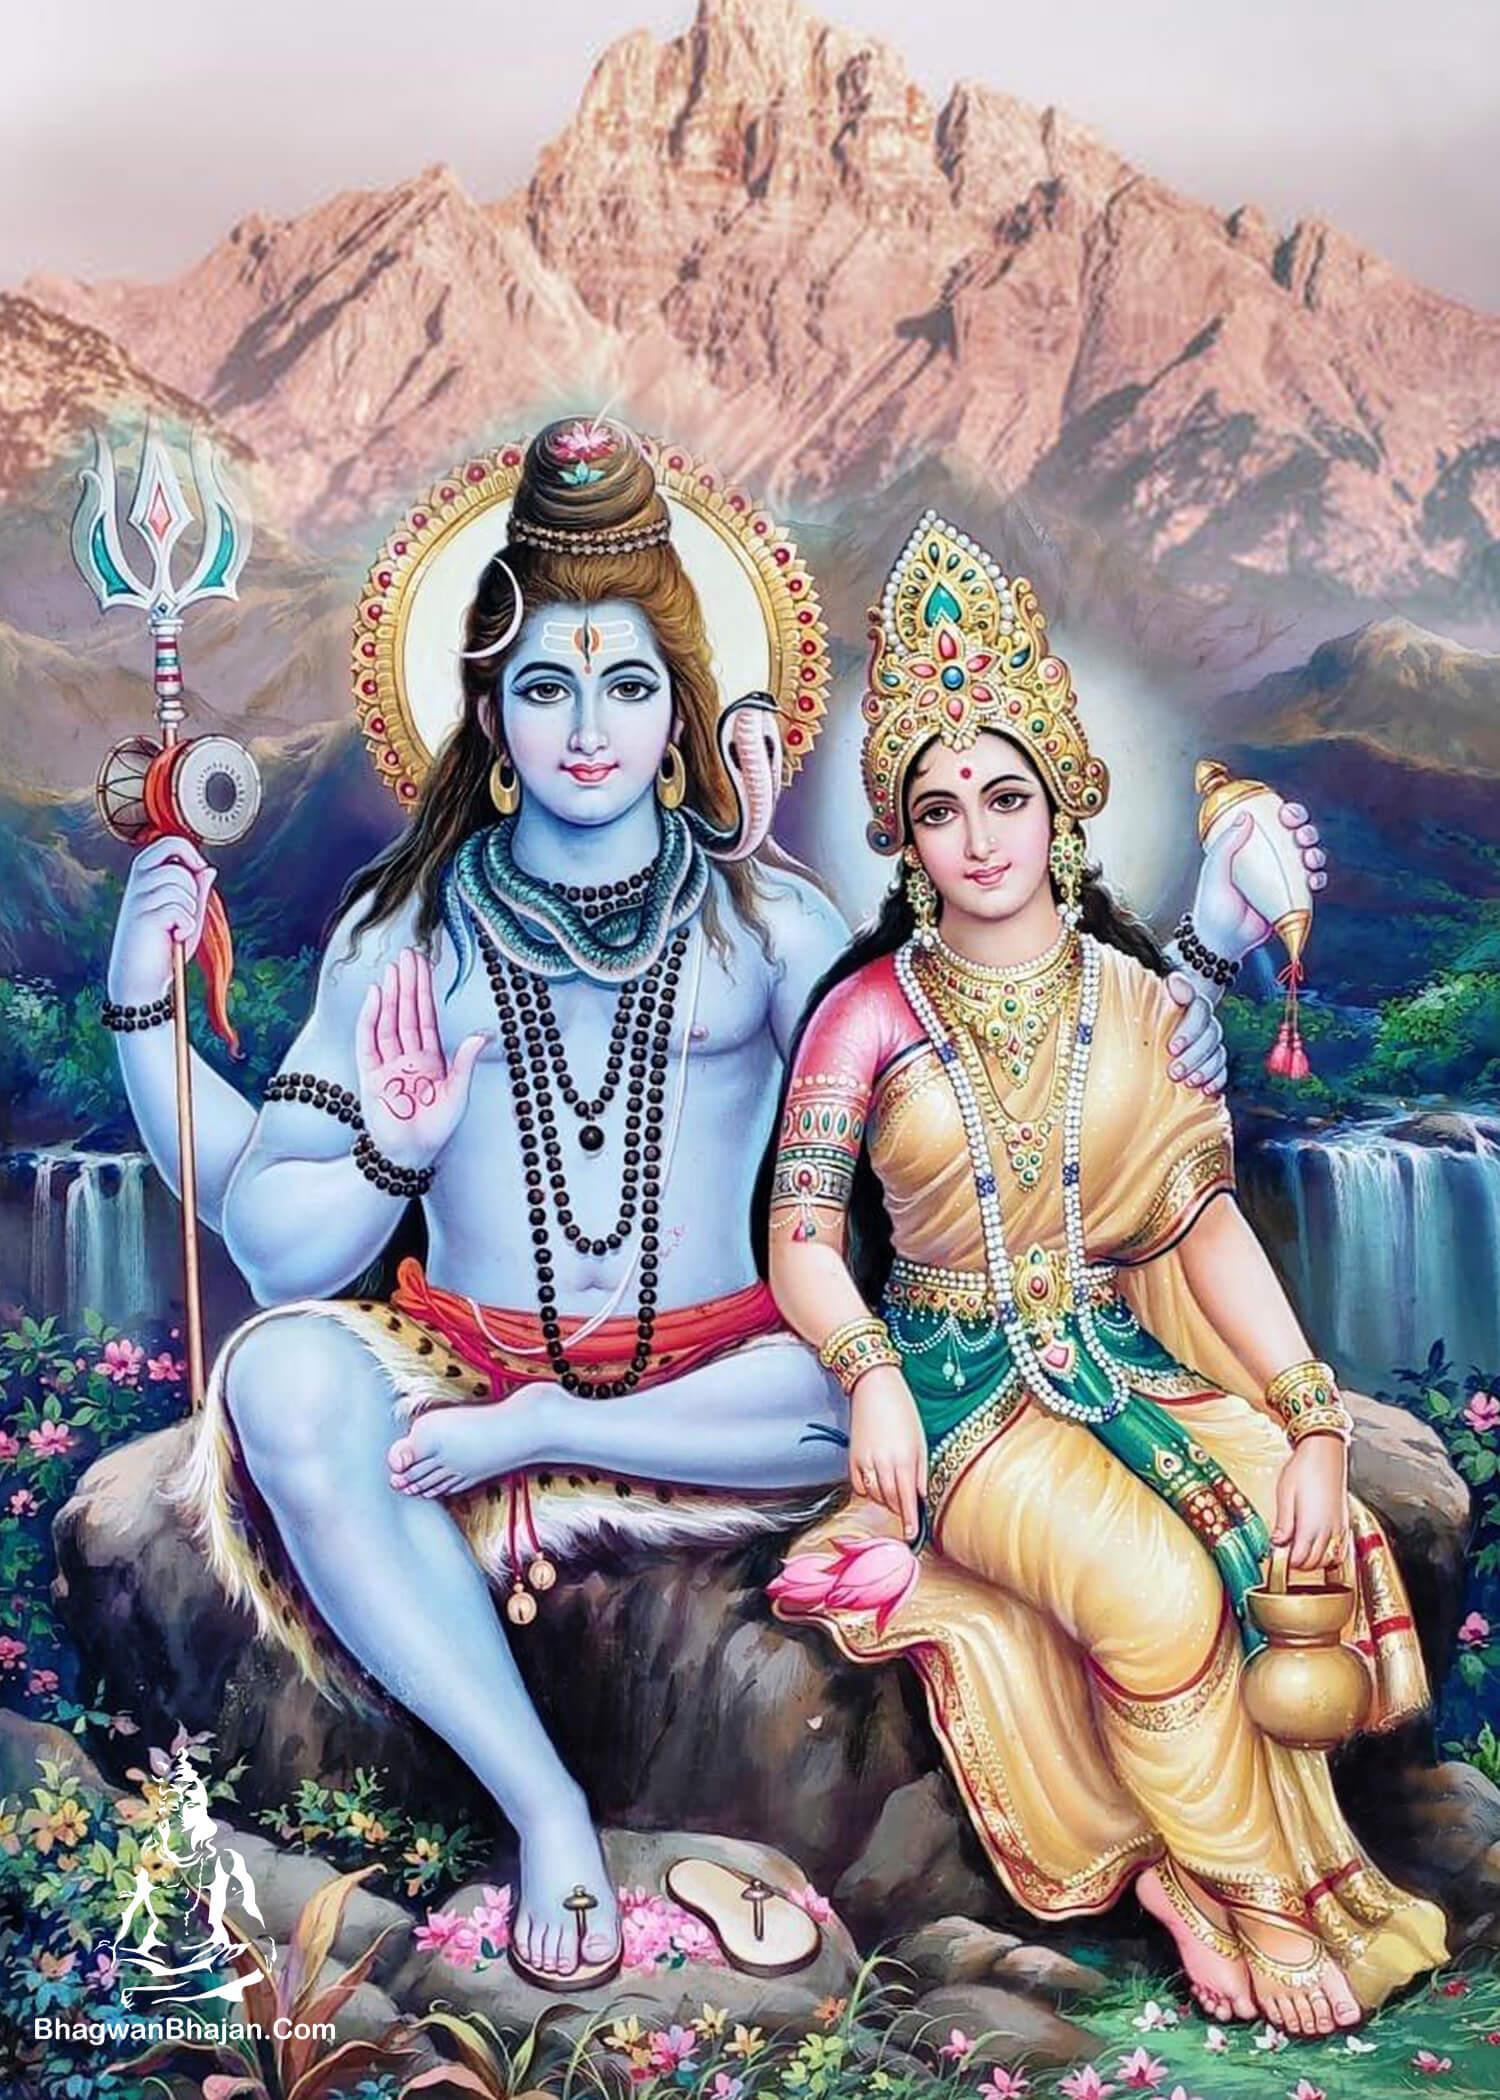 shiv shankar image